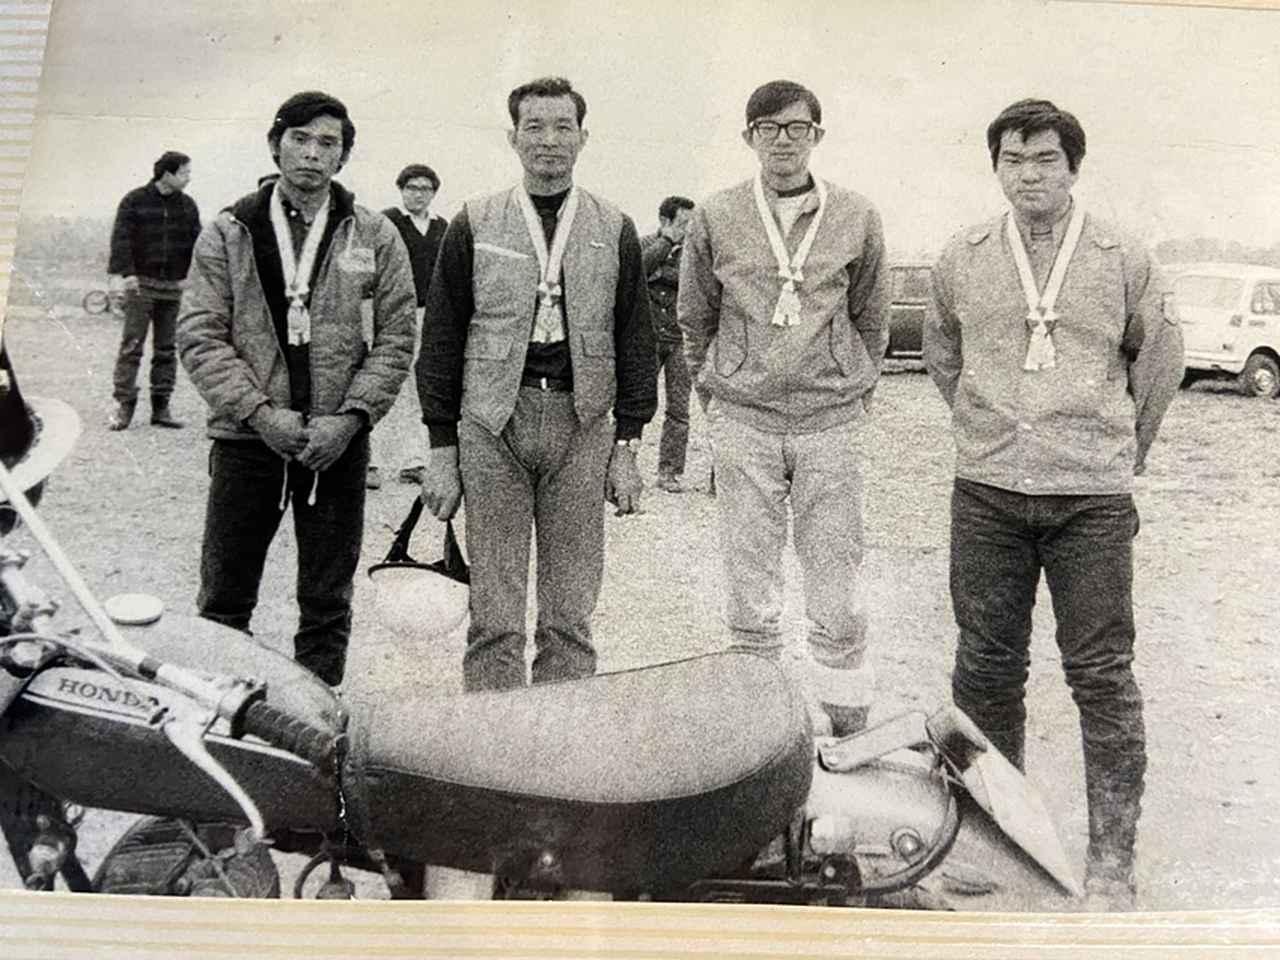 画像: 1972年のMCFAJ全日本トライアル選手権大会において3位で表彰される浅賀さん。表彰者は右からヤマハ発動機(入社前)の木村治夫さん、本田技研工業の田中よしあきさん、同・稲田実さん。いずれのメンバーもその後トライアルの普及に尽力した人たちだ